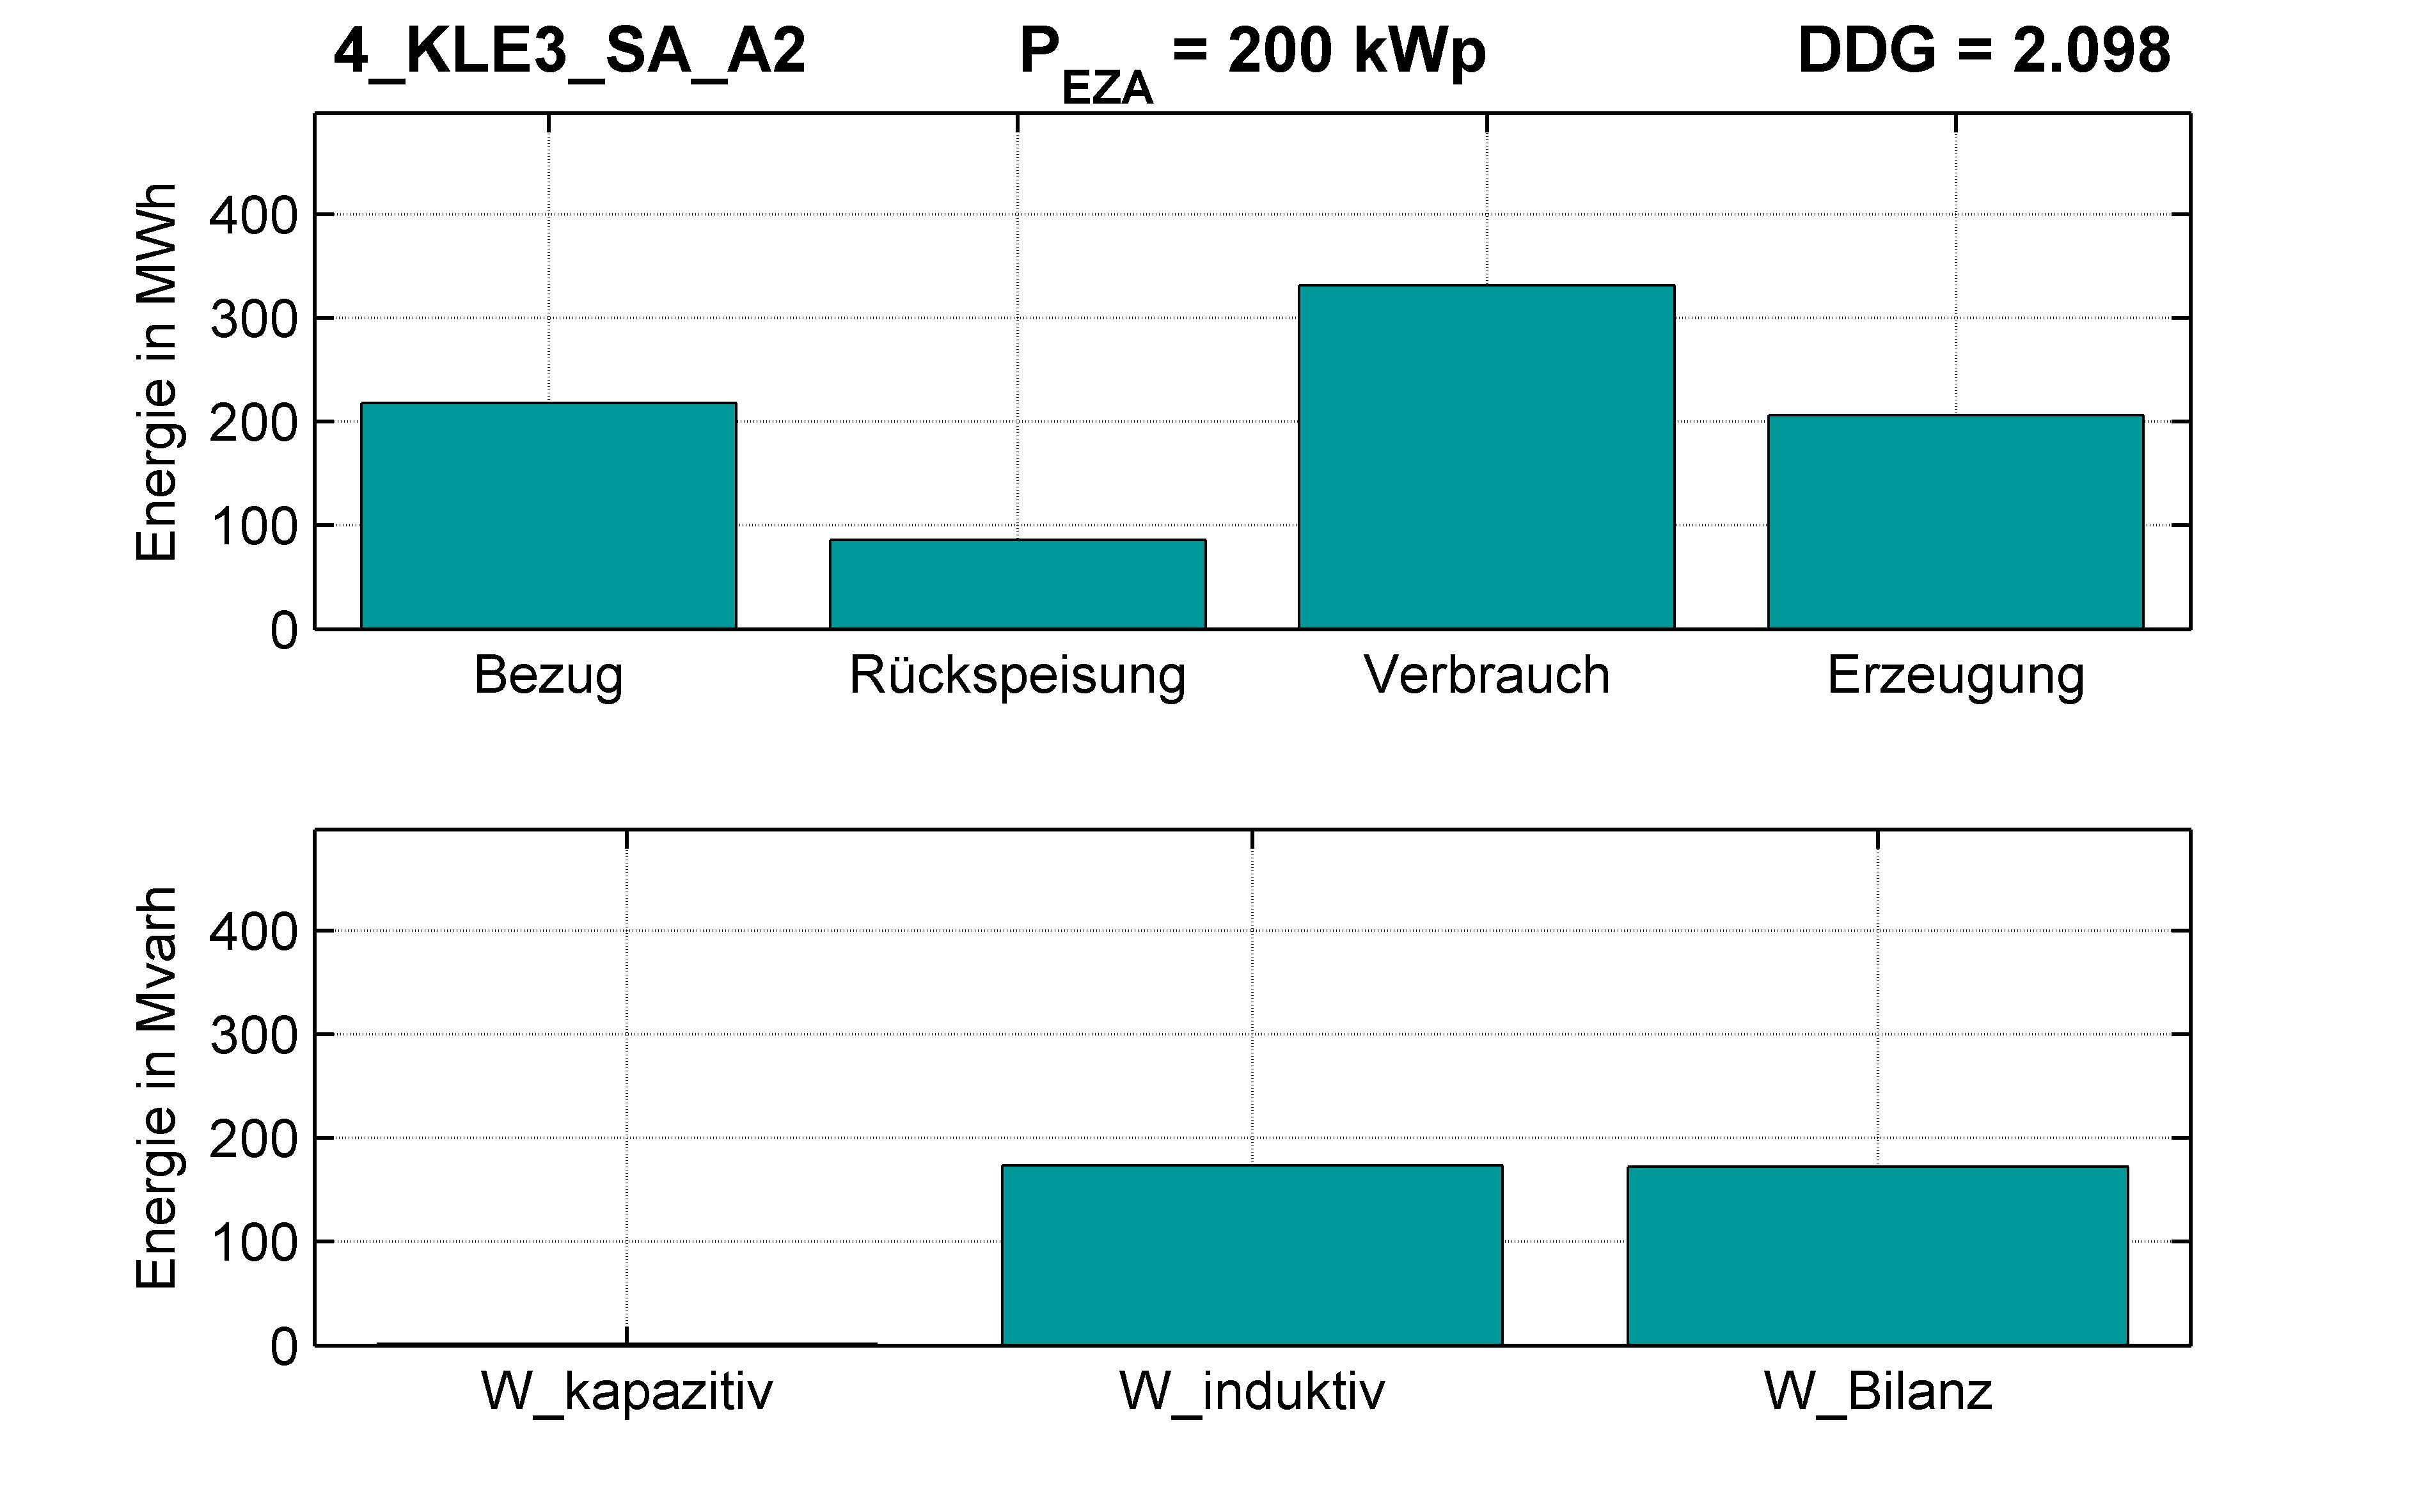 KLE3 | P-Kappung 55% (SA) A2 | PQ-Bilanz